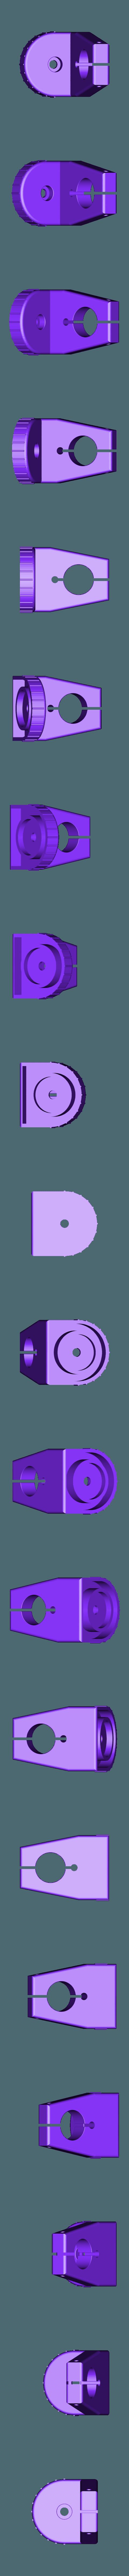 Proxxon_Part.stl Télécharger fichier STL gratuit Pièce Proxxon pour stand mb 140/s • Modèle pour impression 3D, ICTAvatar